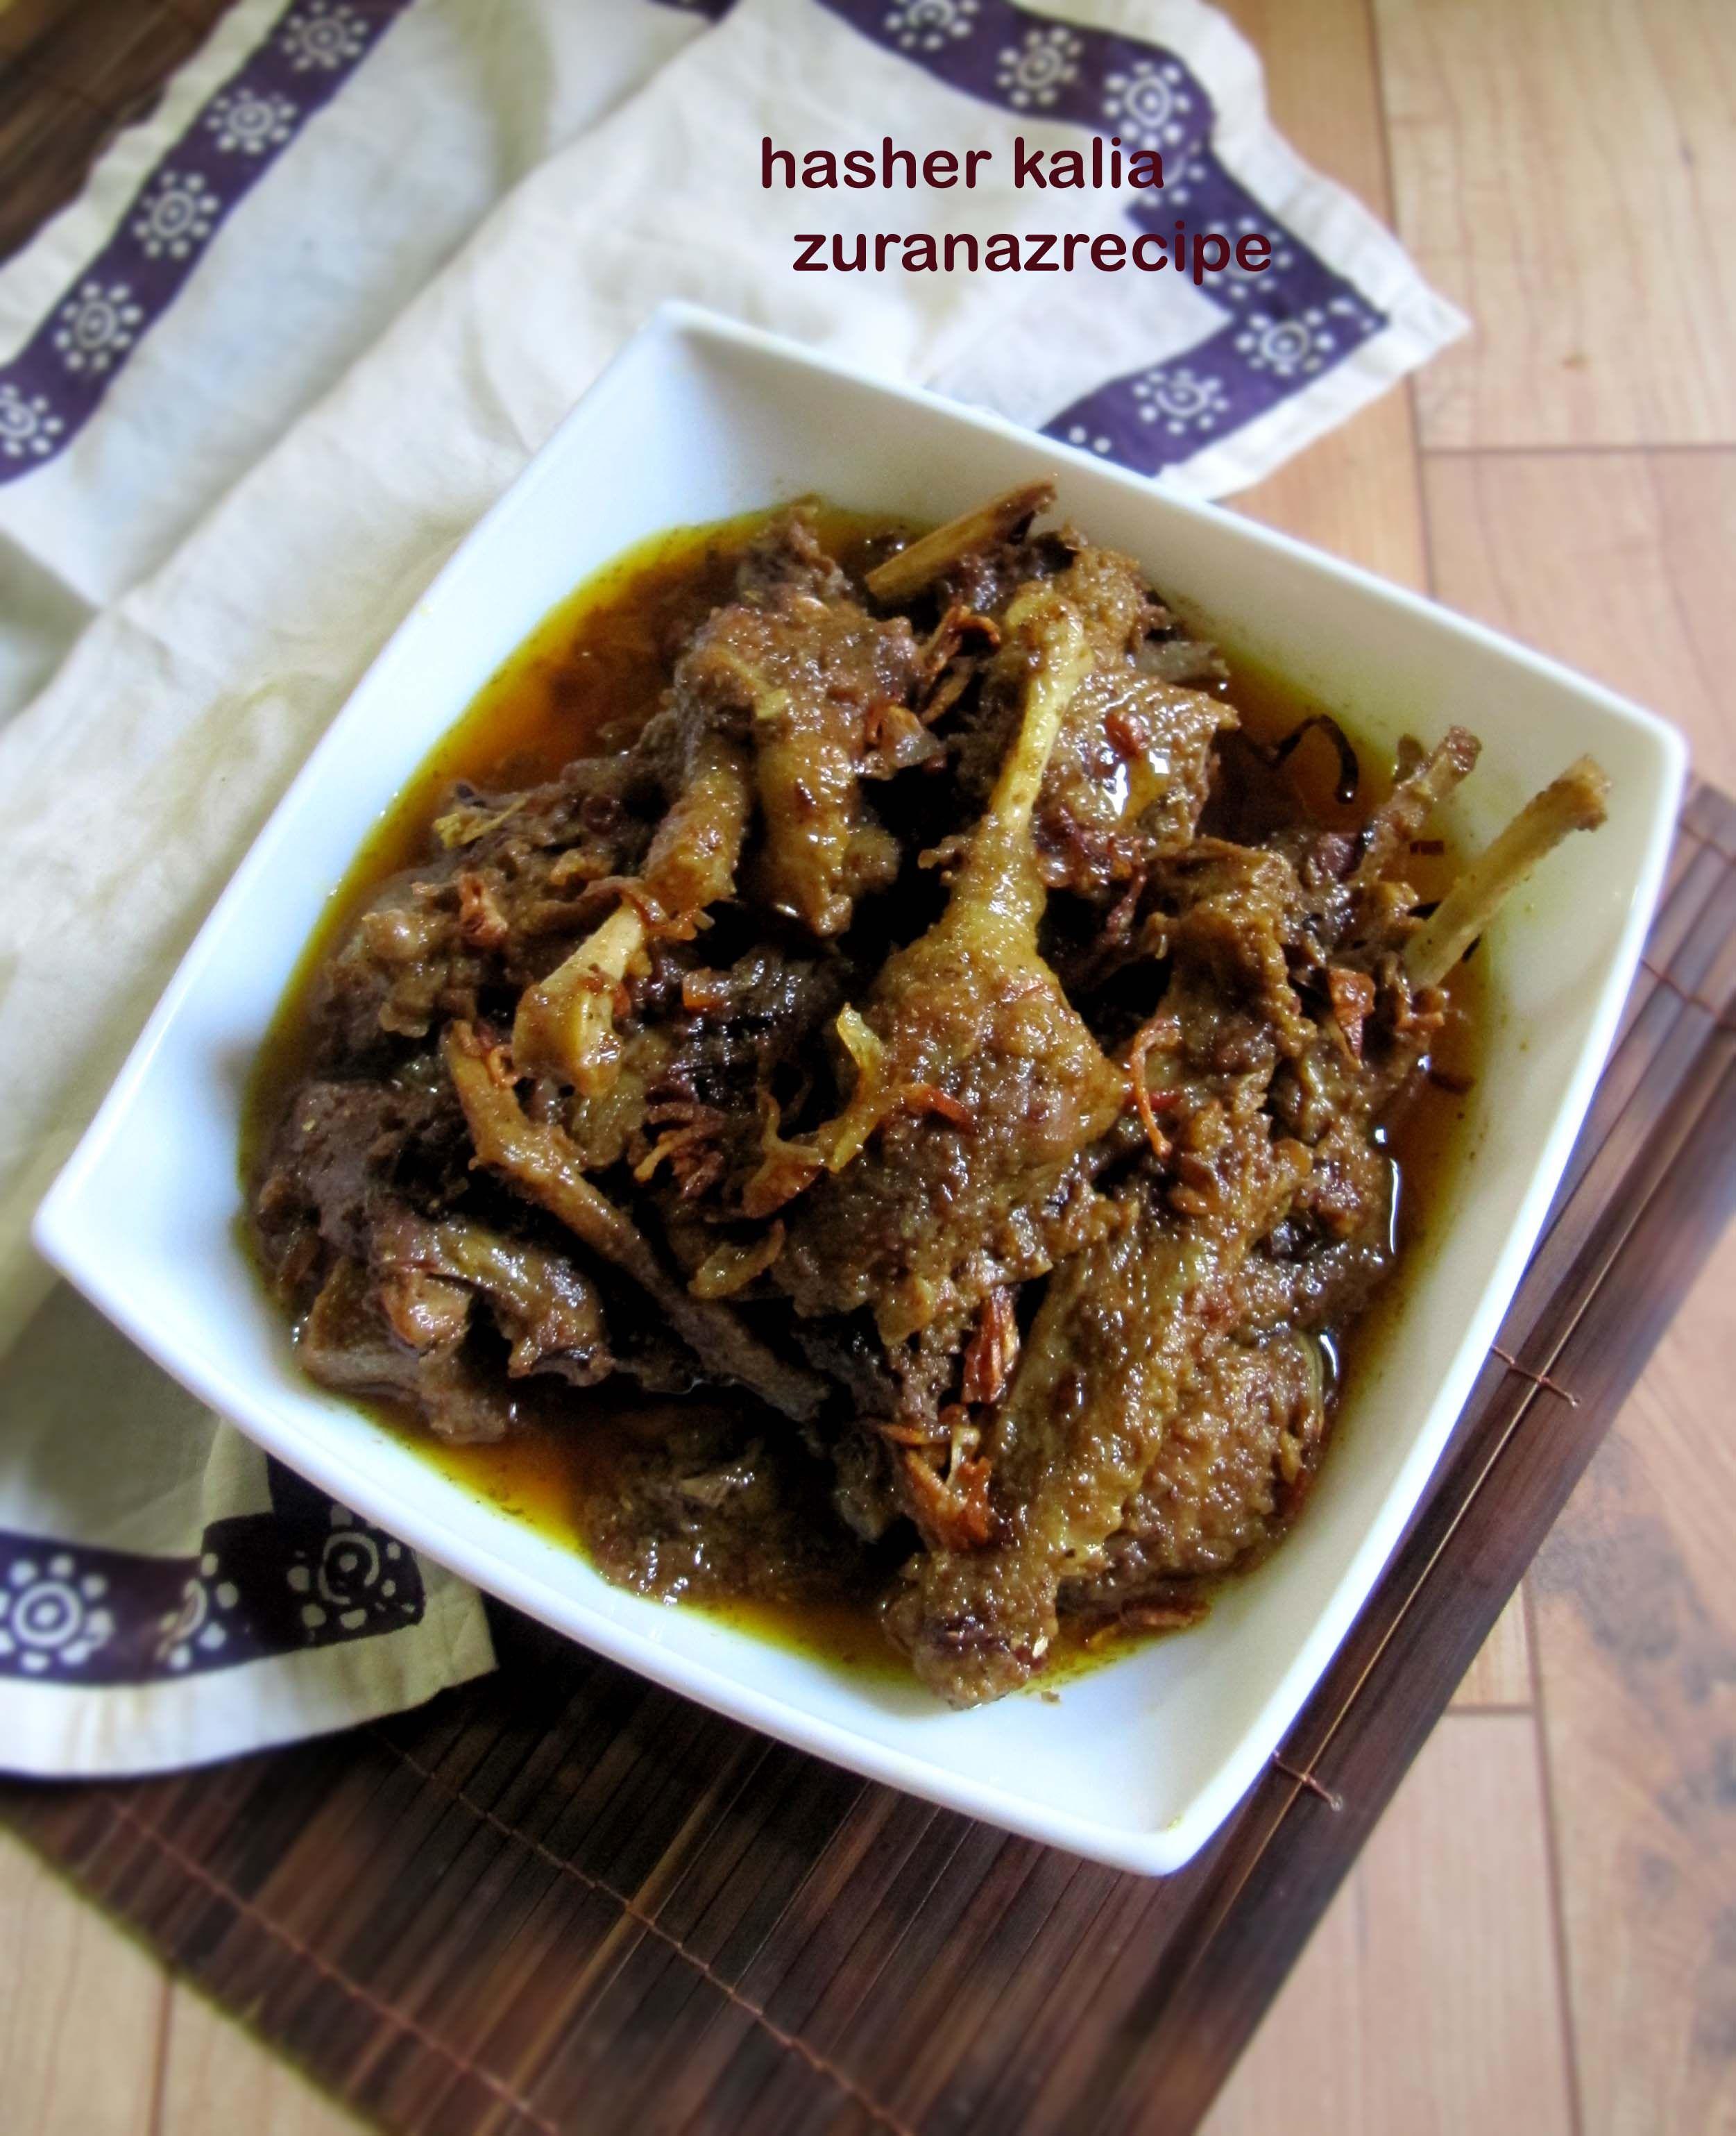 Hasher kalia recipe bangladeshi hasher kalia recipe spicy duck hasher kalia recipe bangladeshi hasher kalia recipe spicy duck curri recipe video forumfinder Images